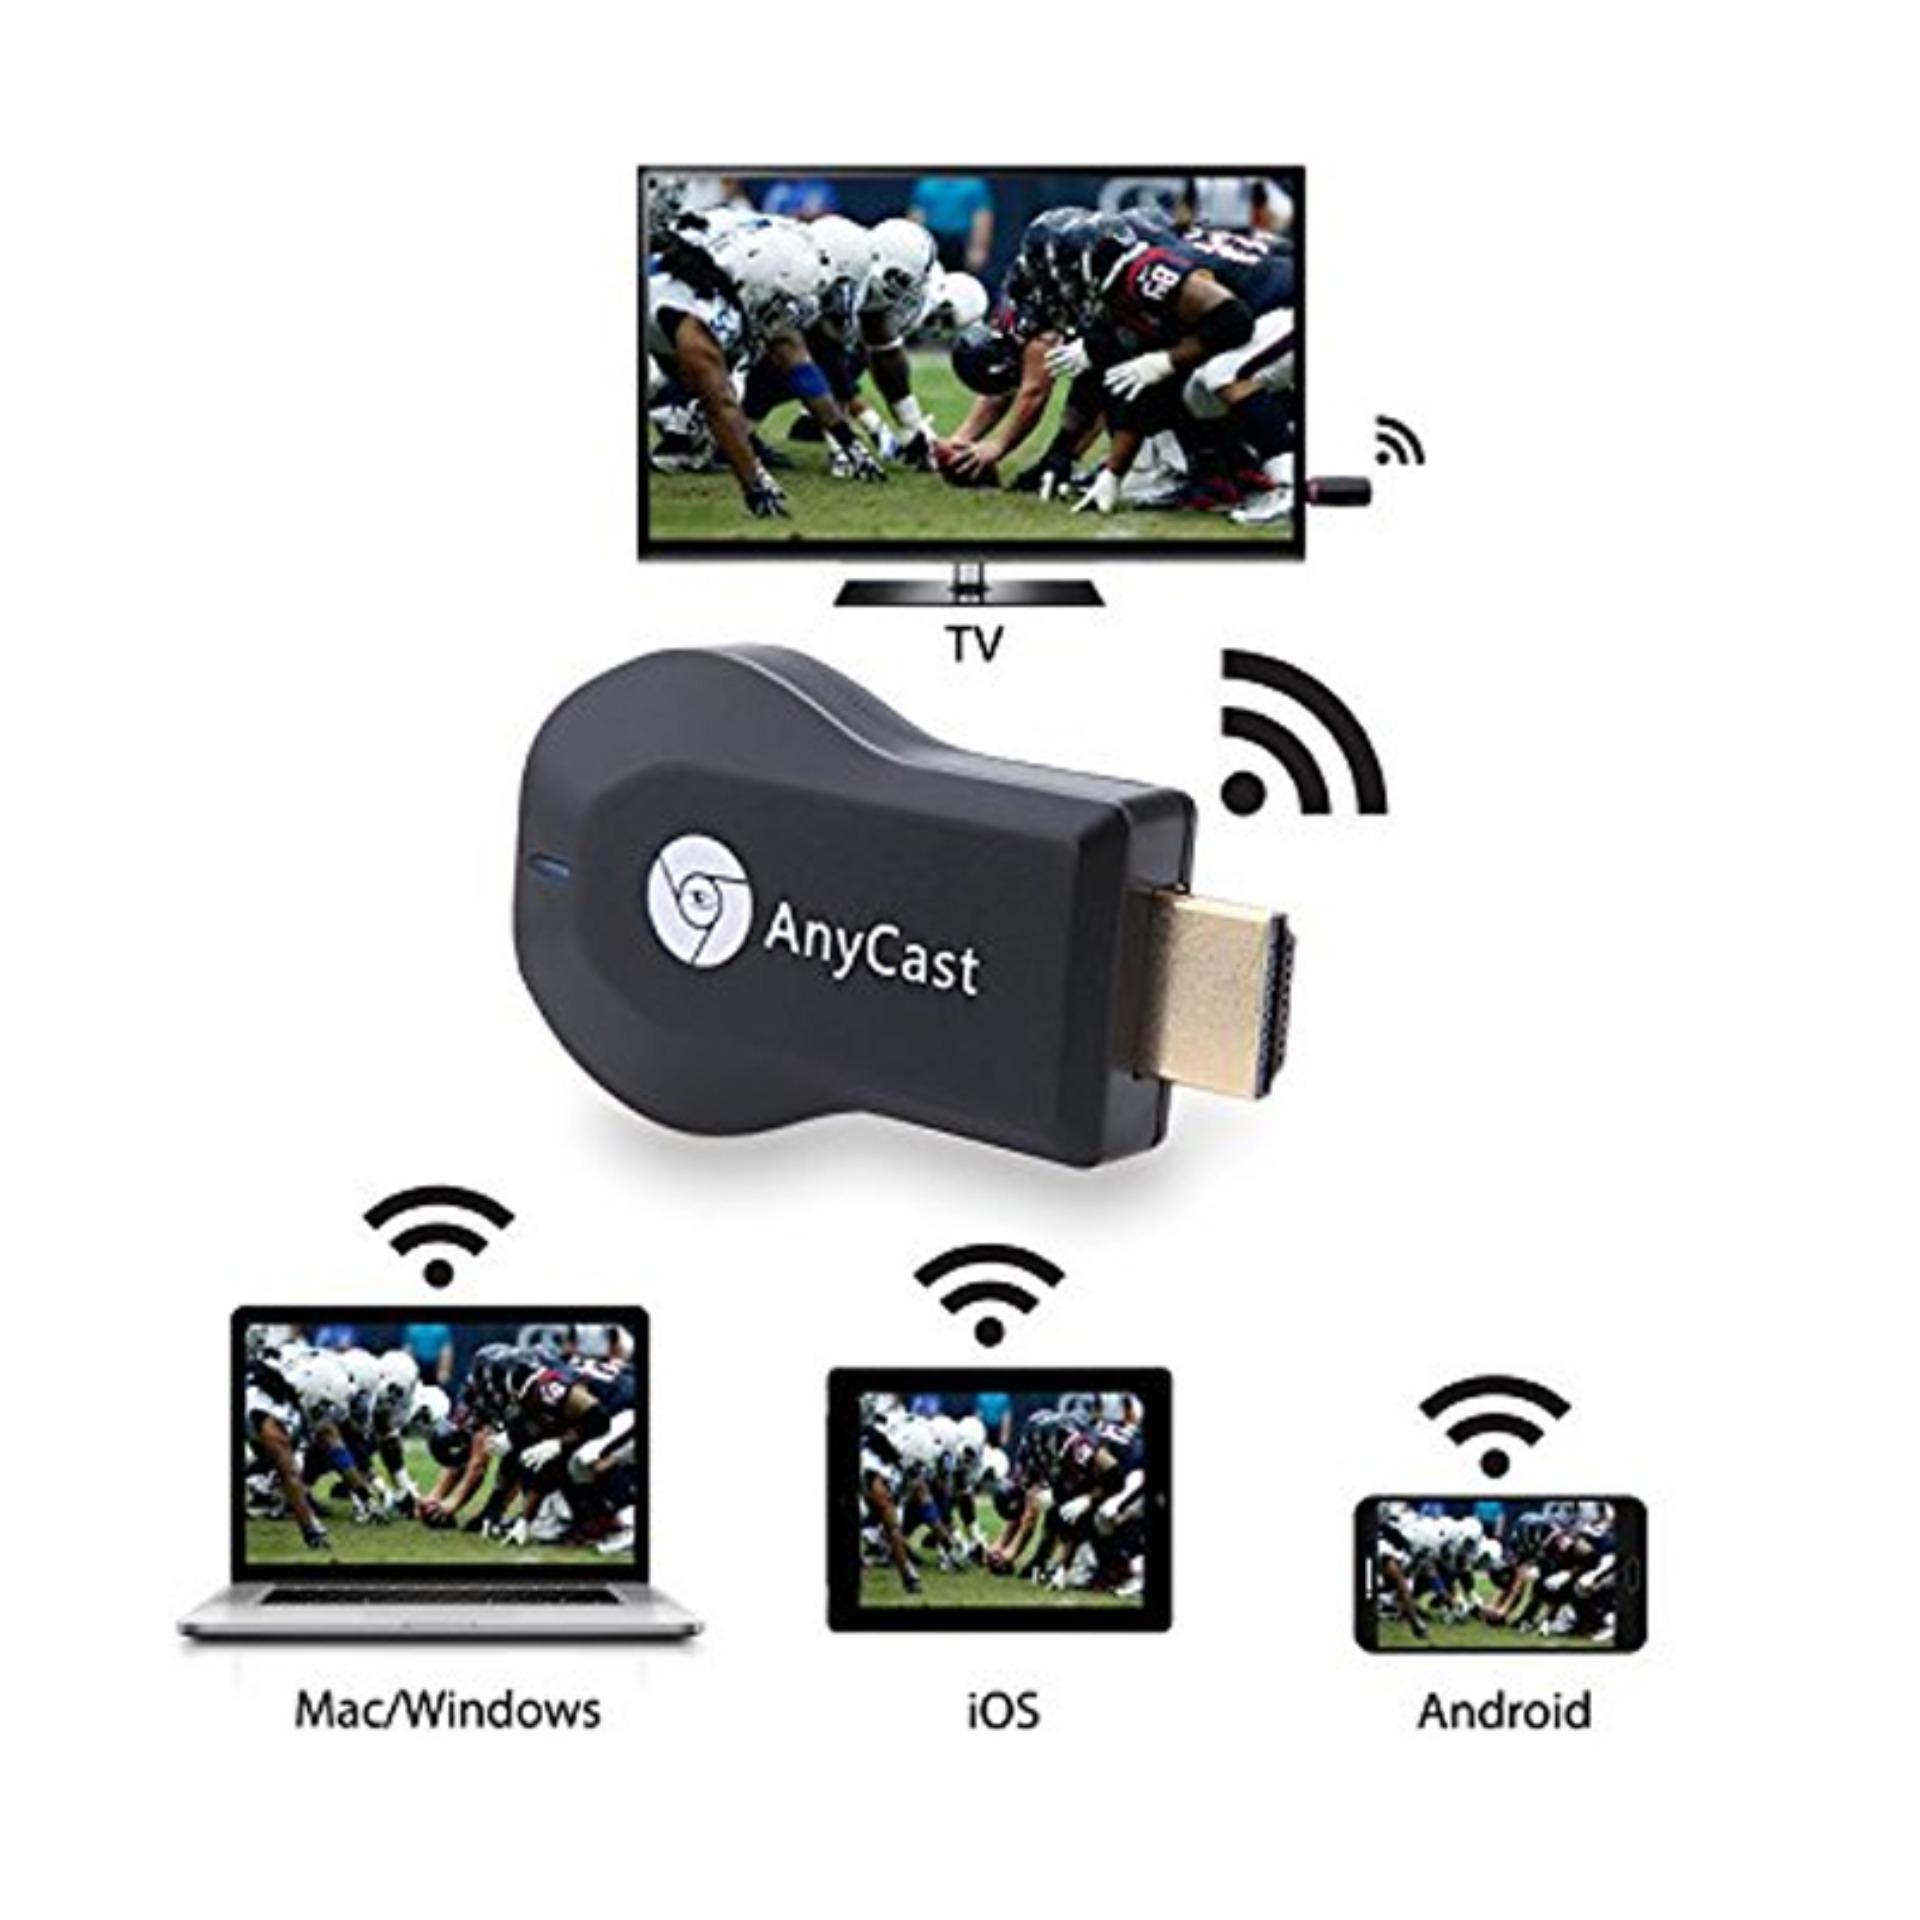 Hình ảnh Kết Nối Máy Tính Với Tivi Sony Bravia Qua Wifi, Kết Nối Mhl Với Tivi, Mua Ngay Thiết Bị Kết Nối Hdmi Không Dây Anycast M2 Plus, Truyền Dữ Liệu Cực Nhanh, Giảm Giá Sốc 50%